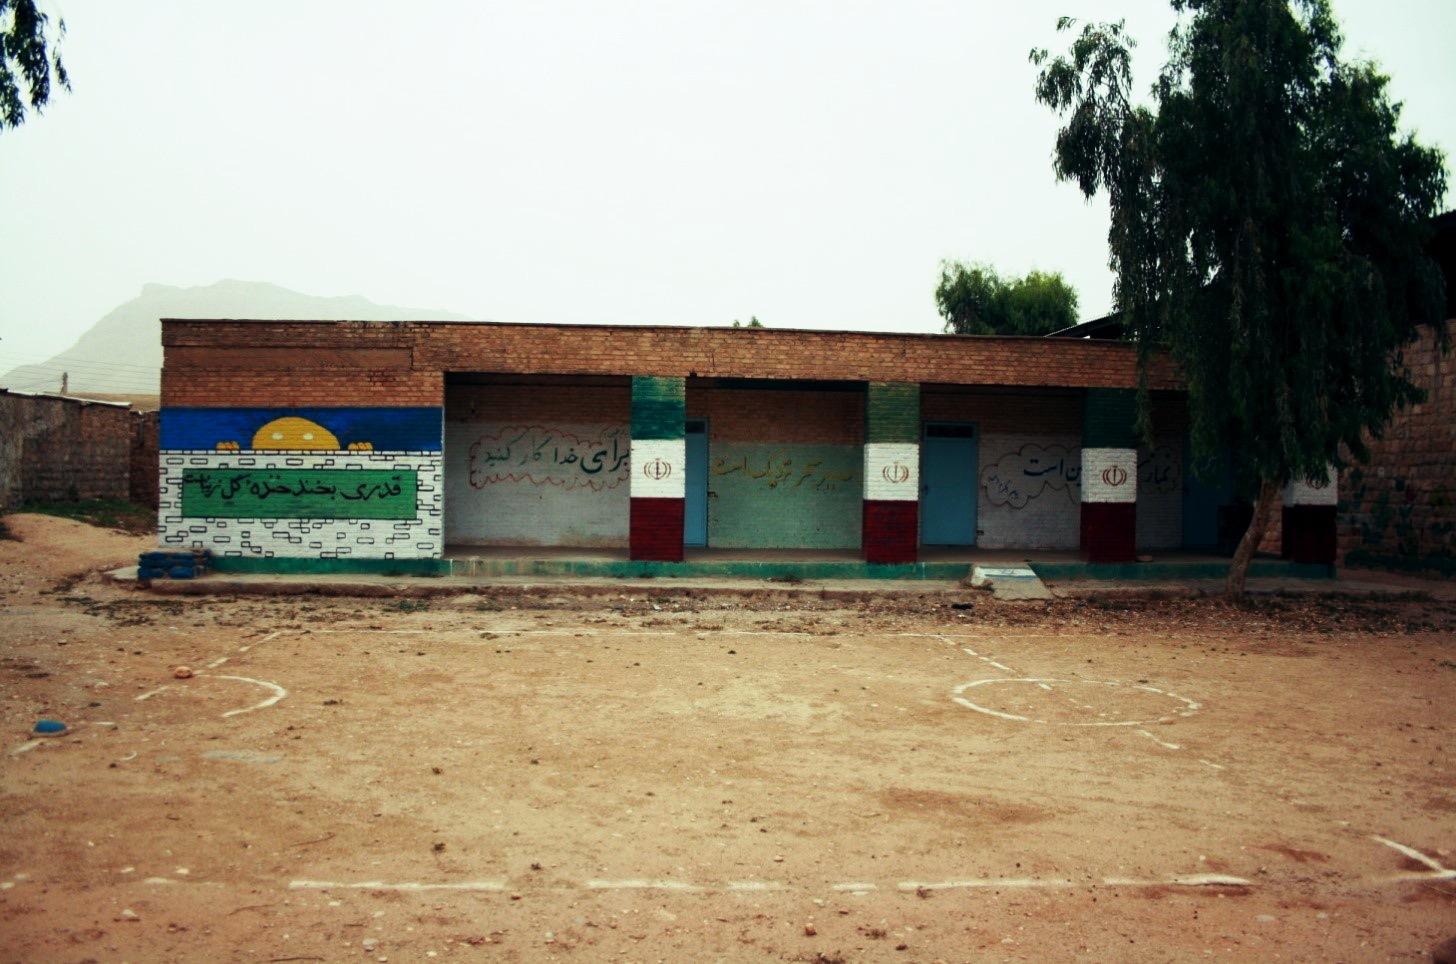 تهران دارای بیشترین مدارس نیازمند بازسازی است